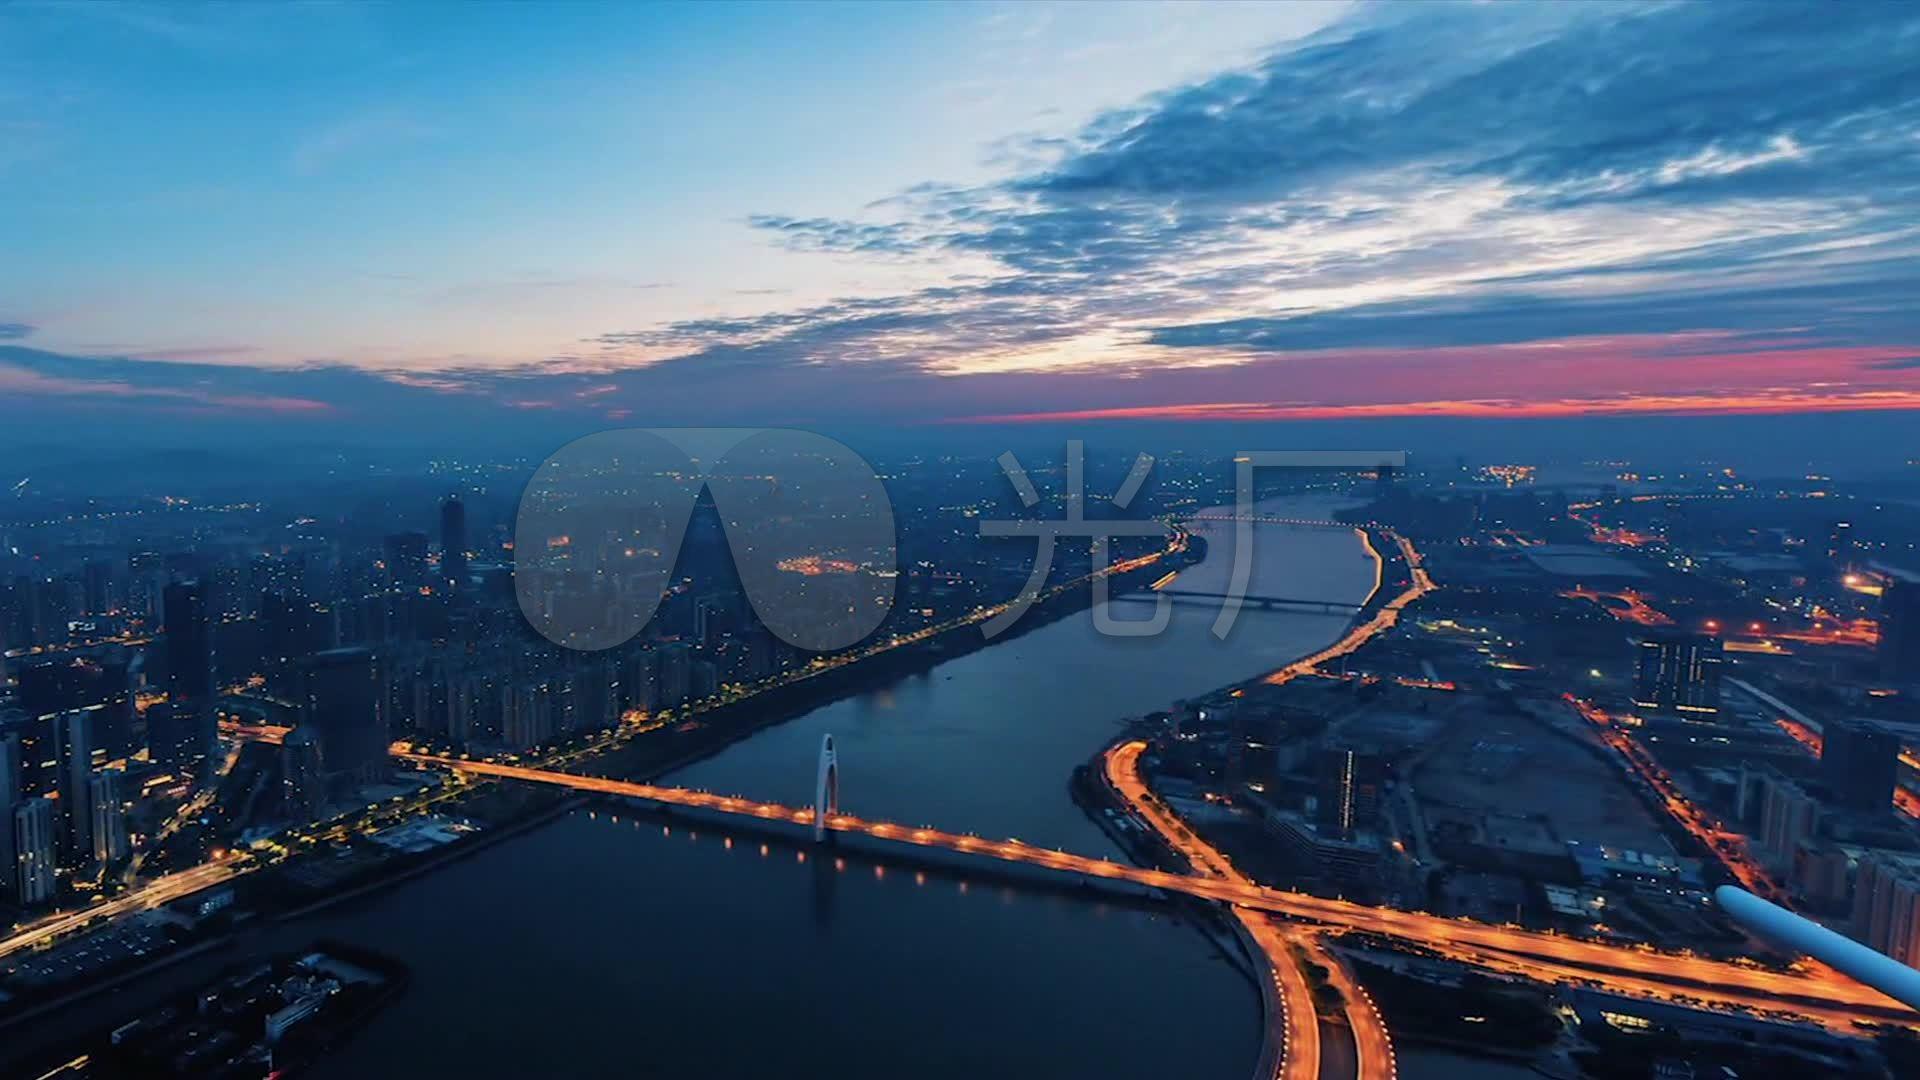 广州塔 延时摄影 日出 珠江 夜景 灯光 车流 航拍